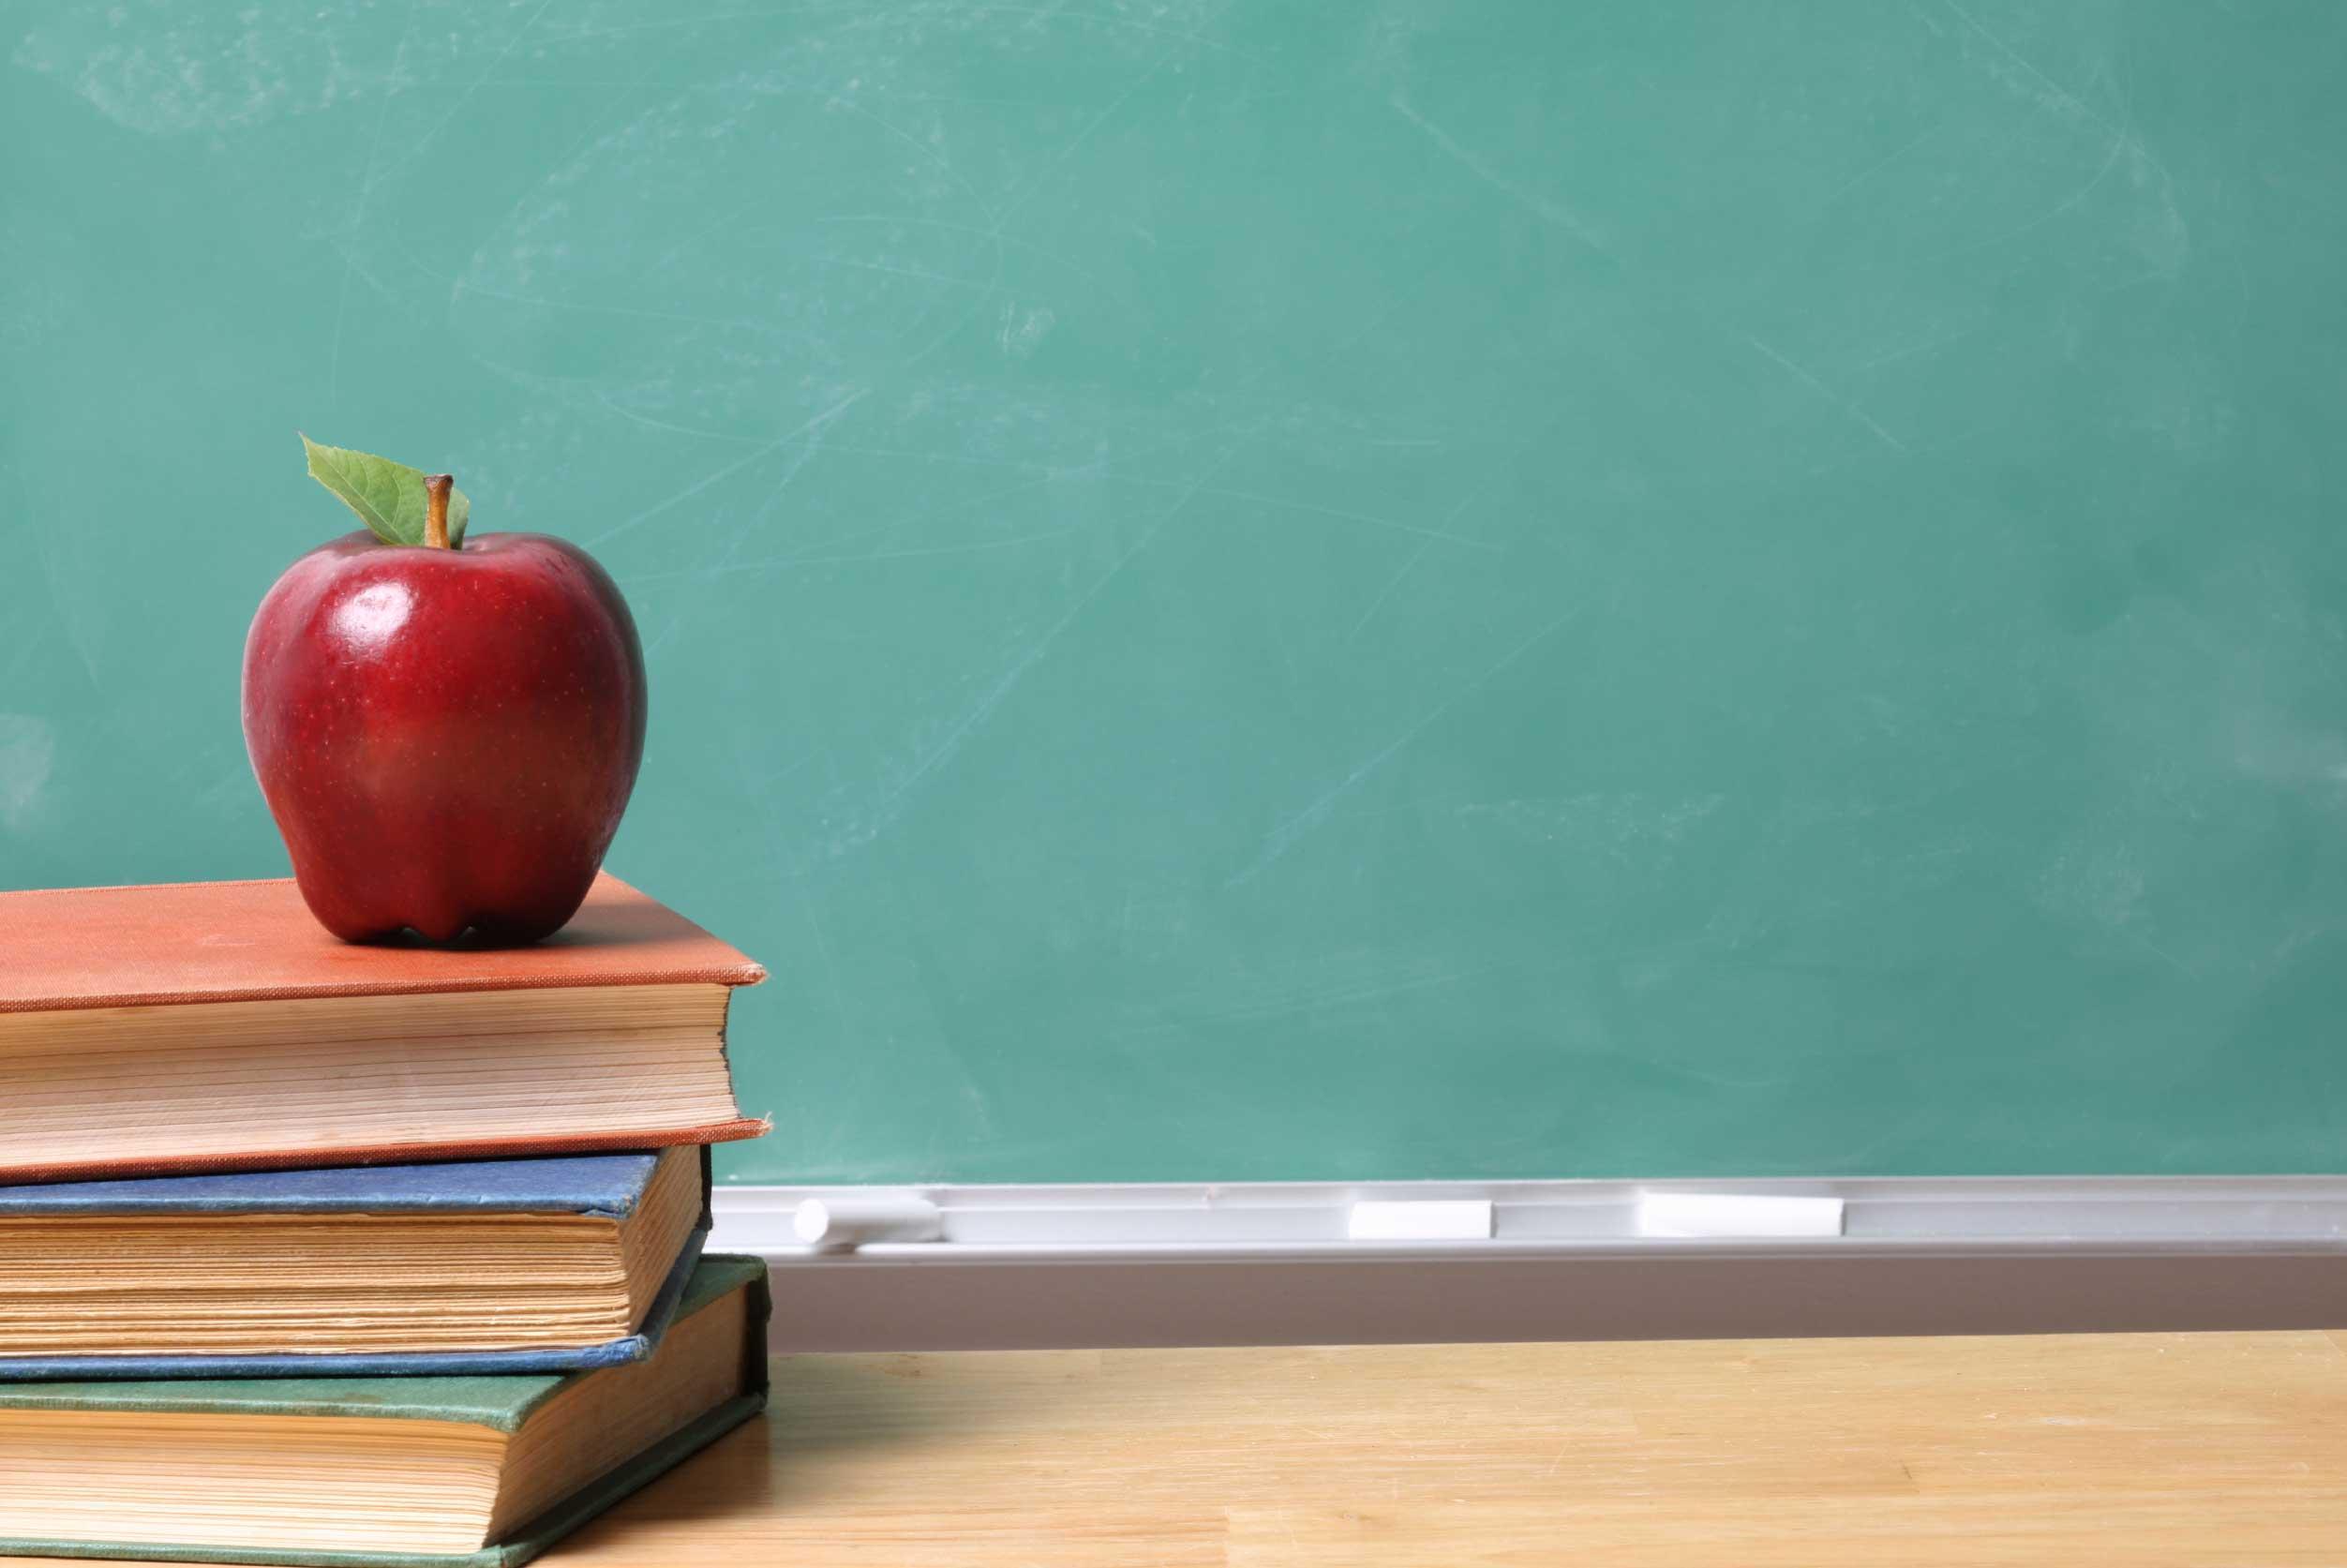 La responsabilità per infortunio dello studente prima dell'orario di lezione